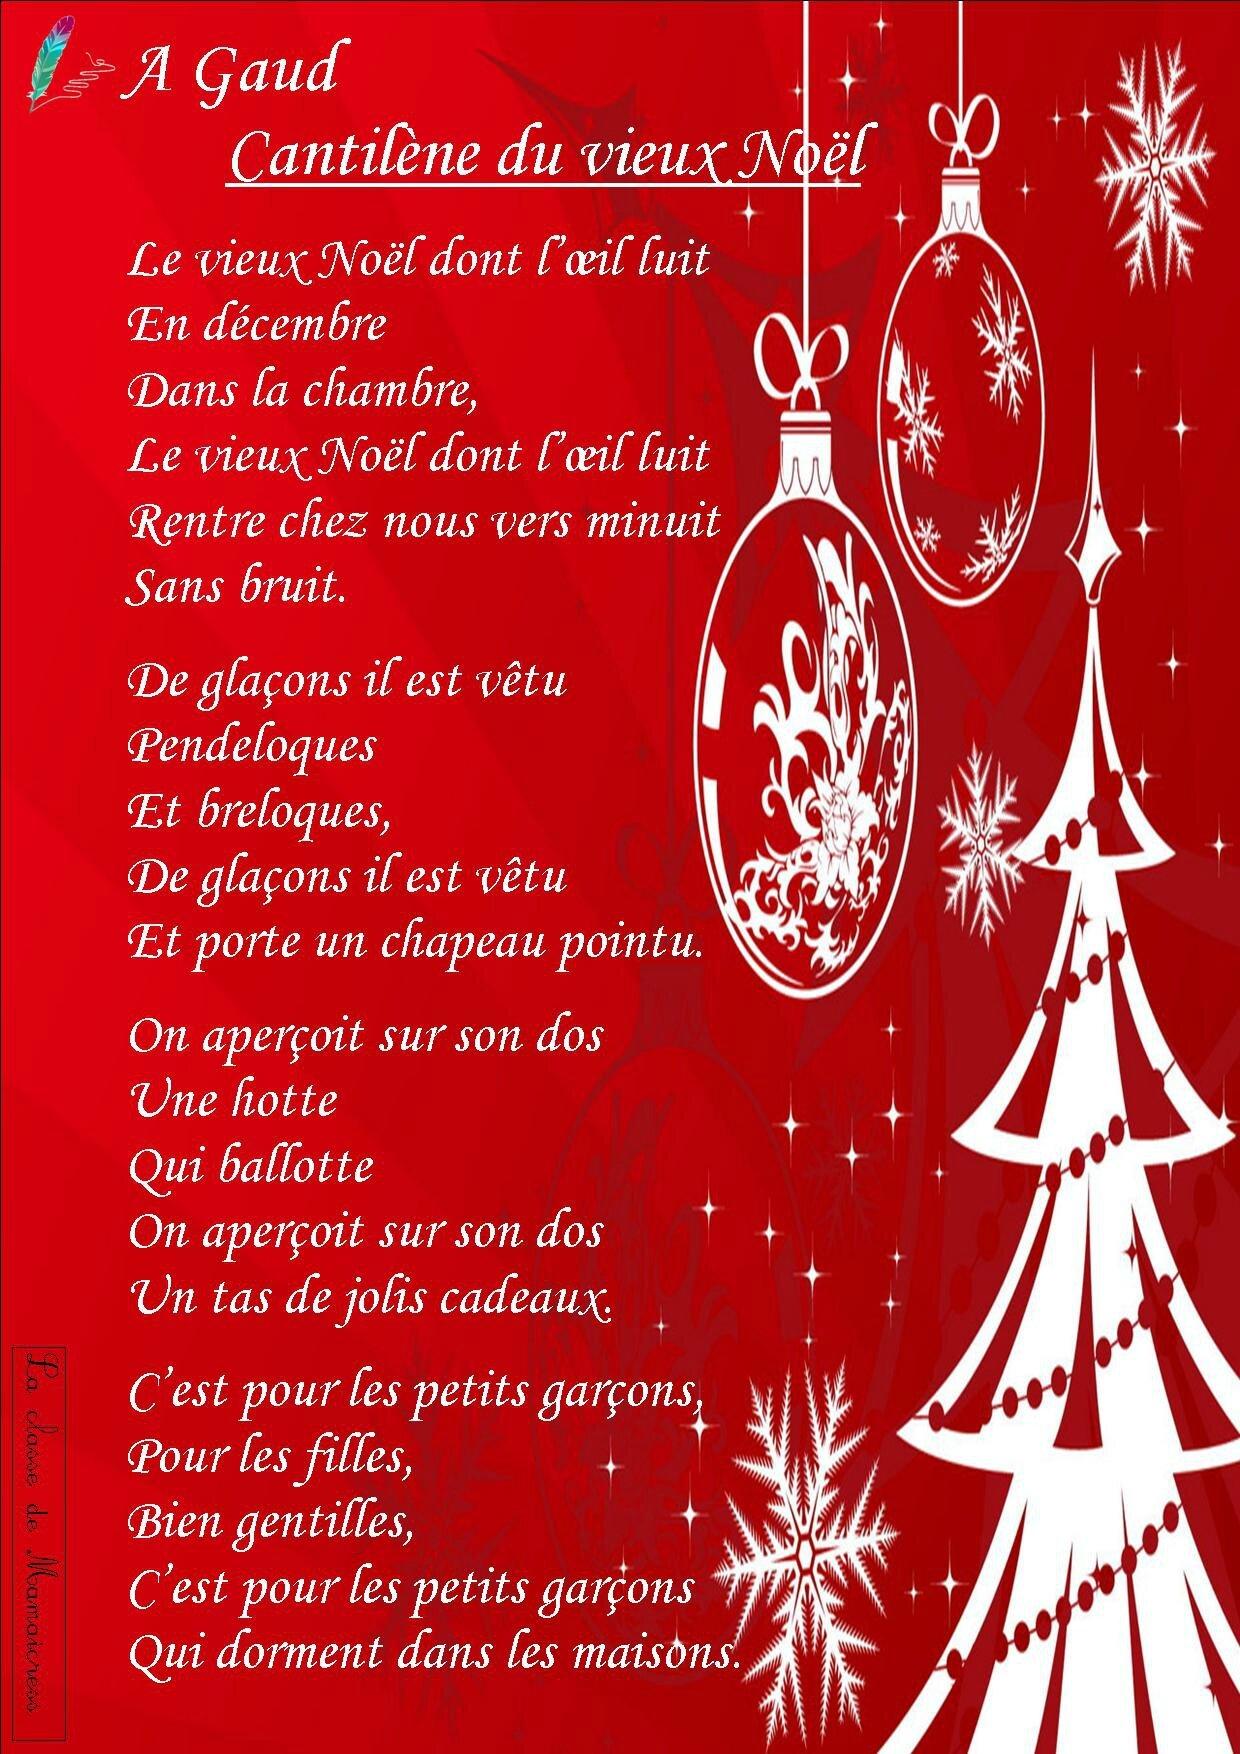 Cantilène Du Vieux Noel Poésie : cantilène, vieux, poésie, Poésies, L'hiver,, Noël, Classe, Mamaicress